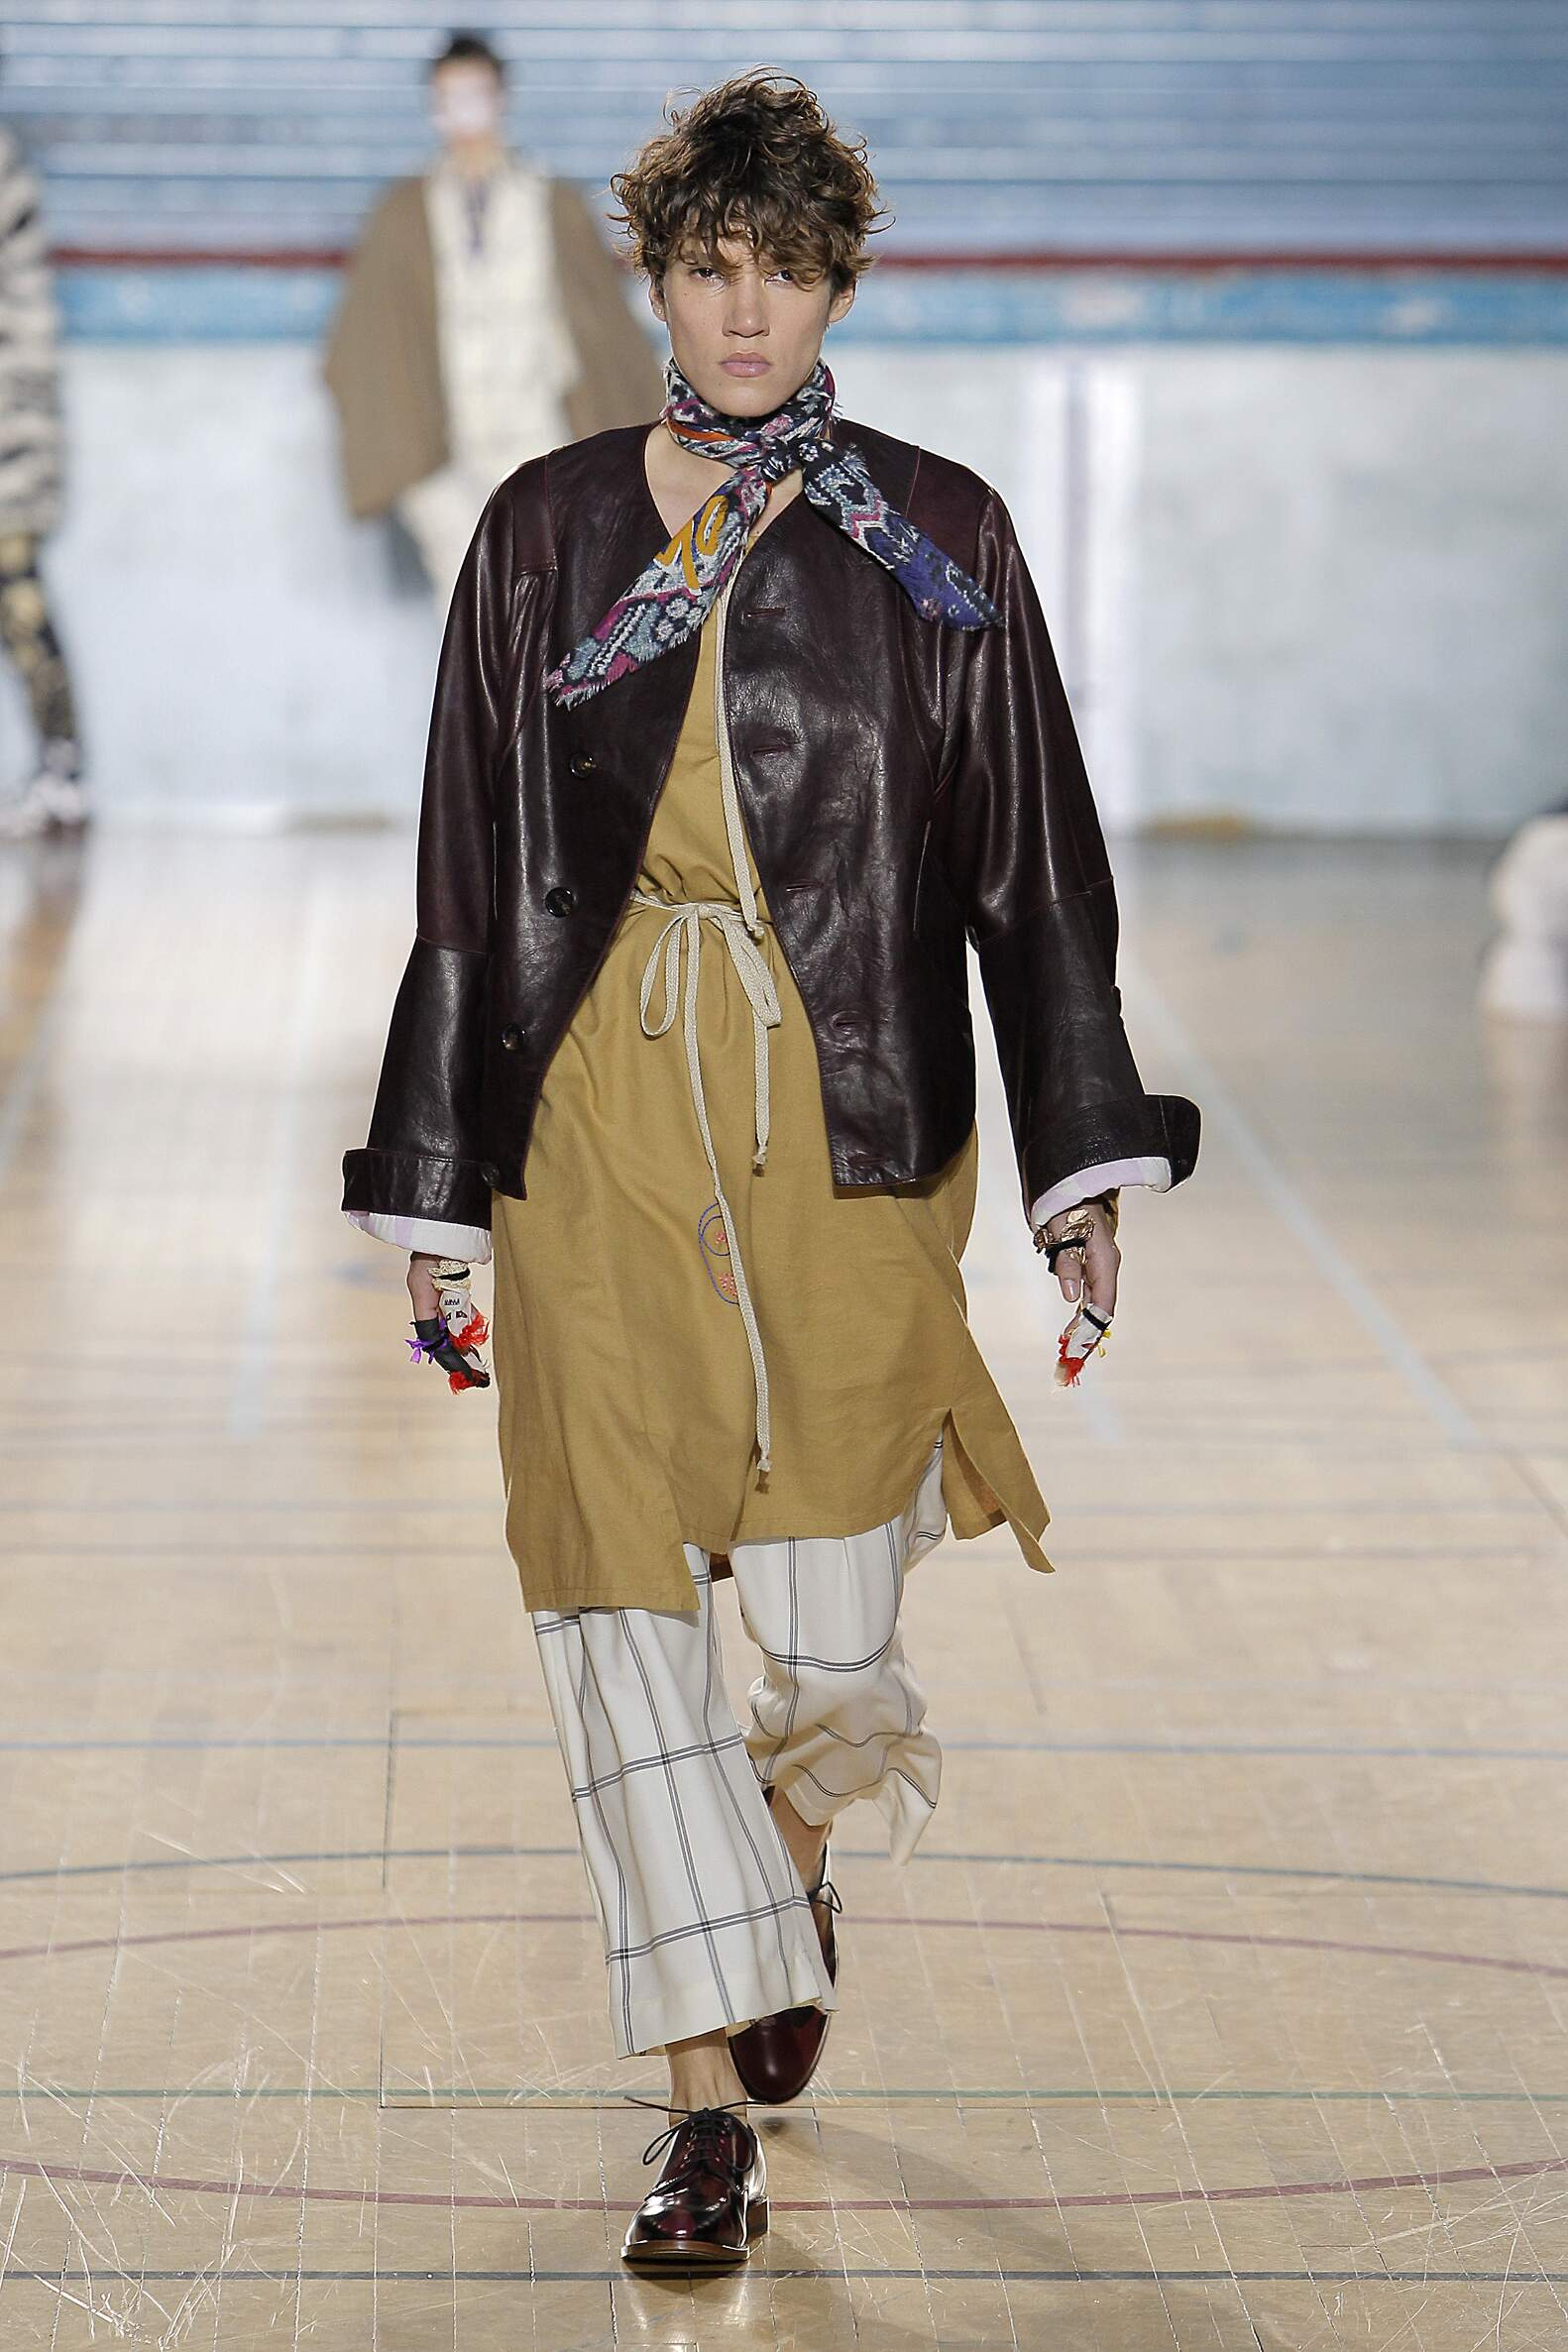 Catwalk Vivienne Westwood Man Fashion Show Winter 2017